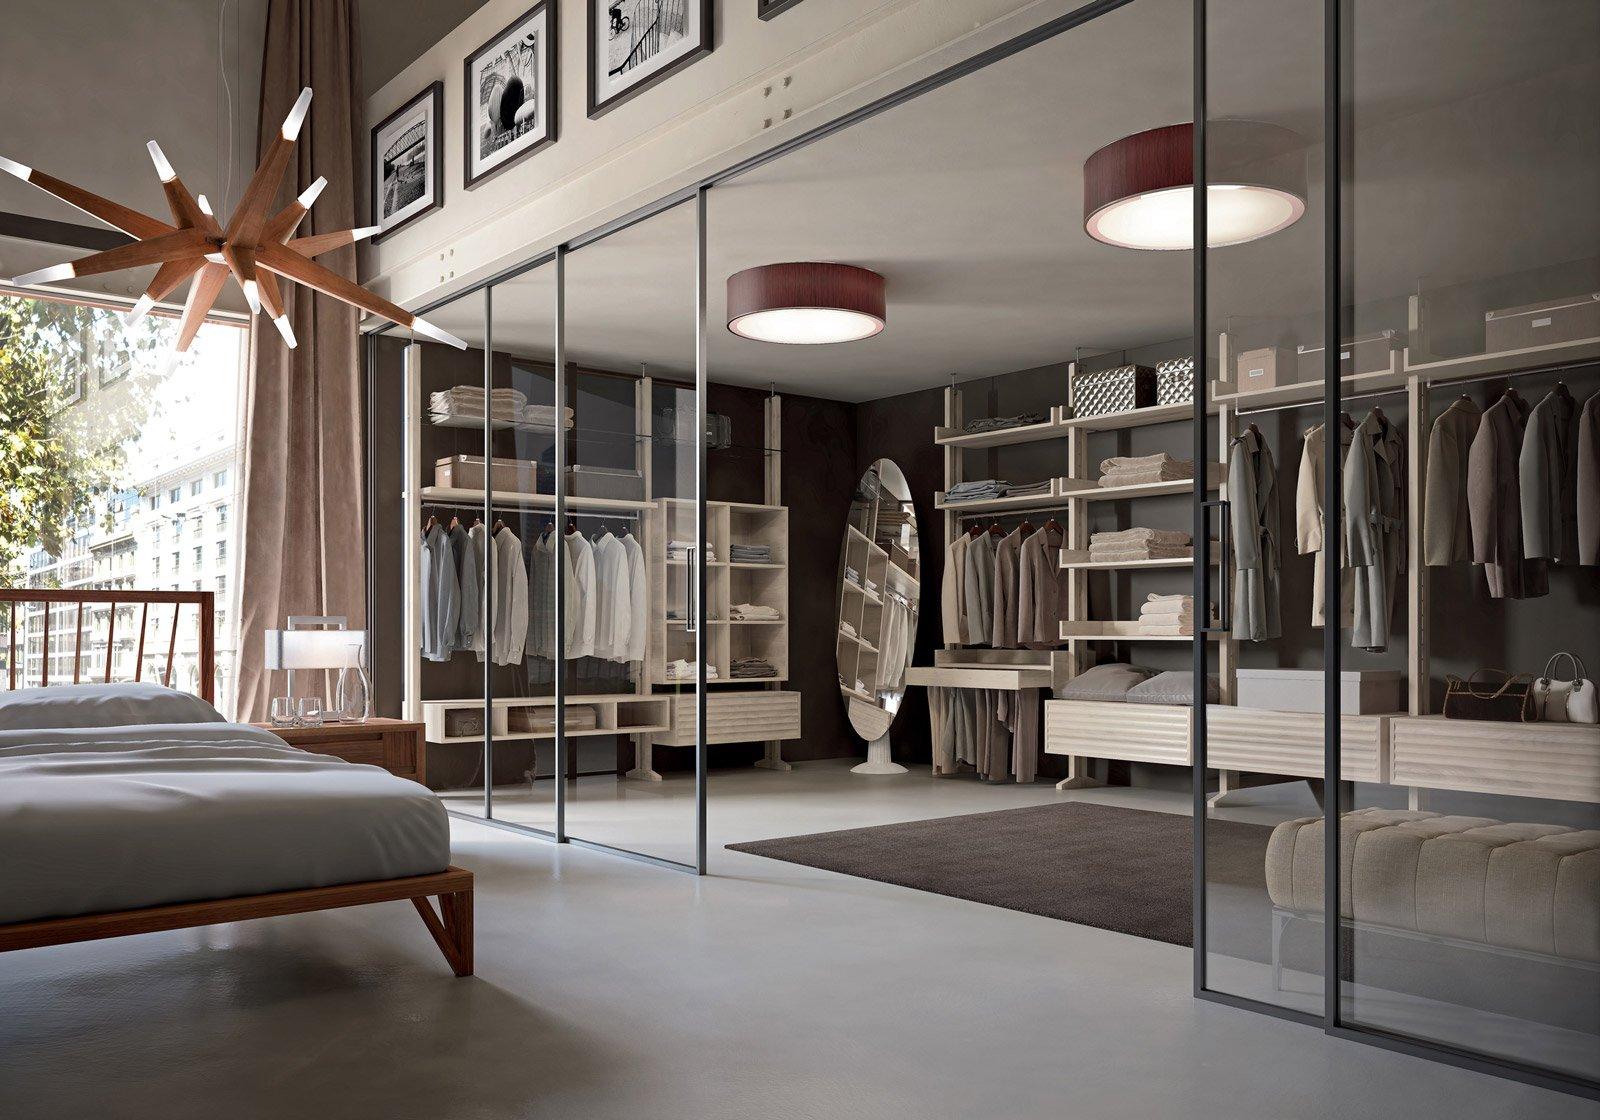 Isaloni 2015 armadi cabine cassettiere tutti da esibire - Spa in casa arredamento ...